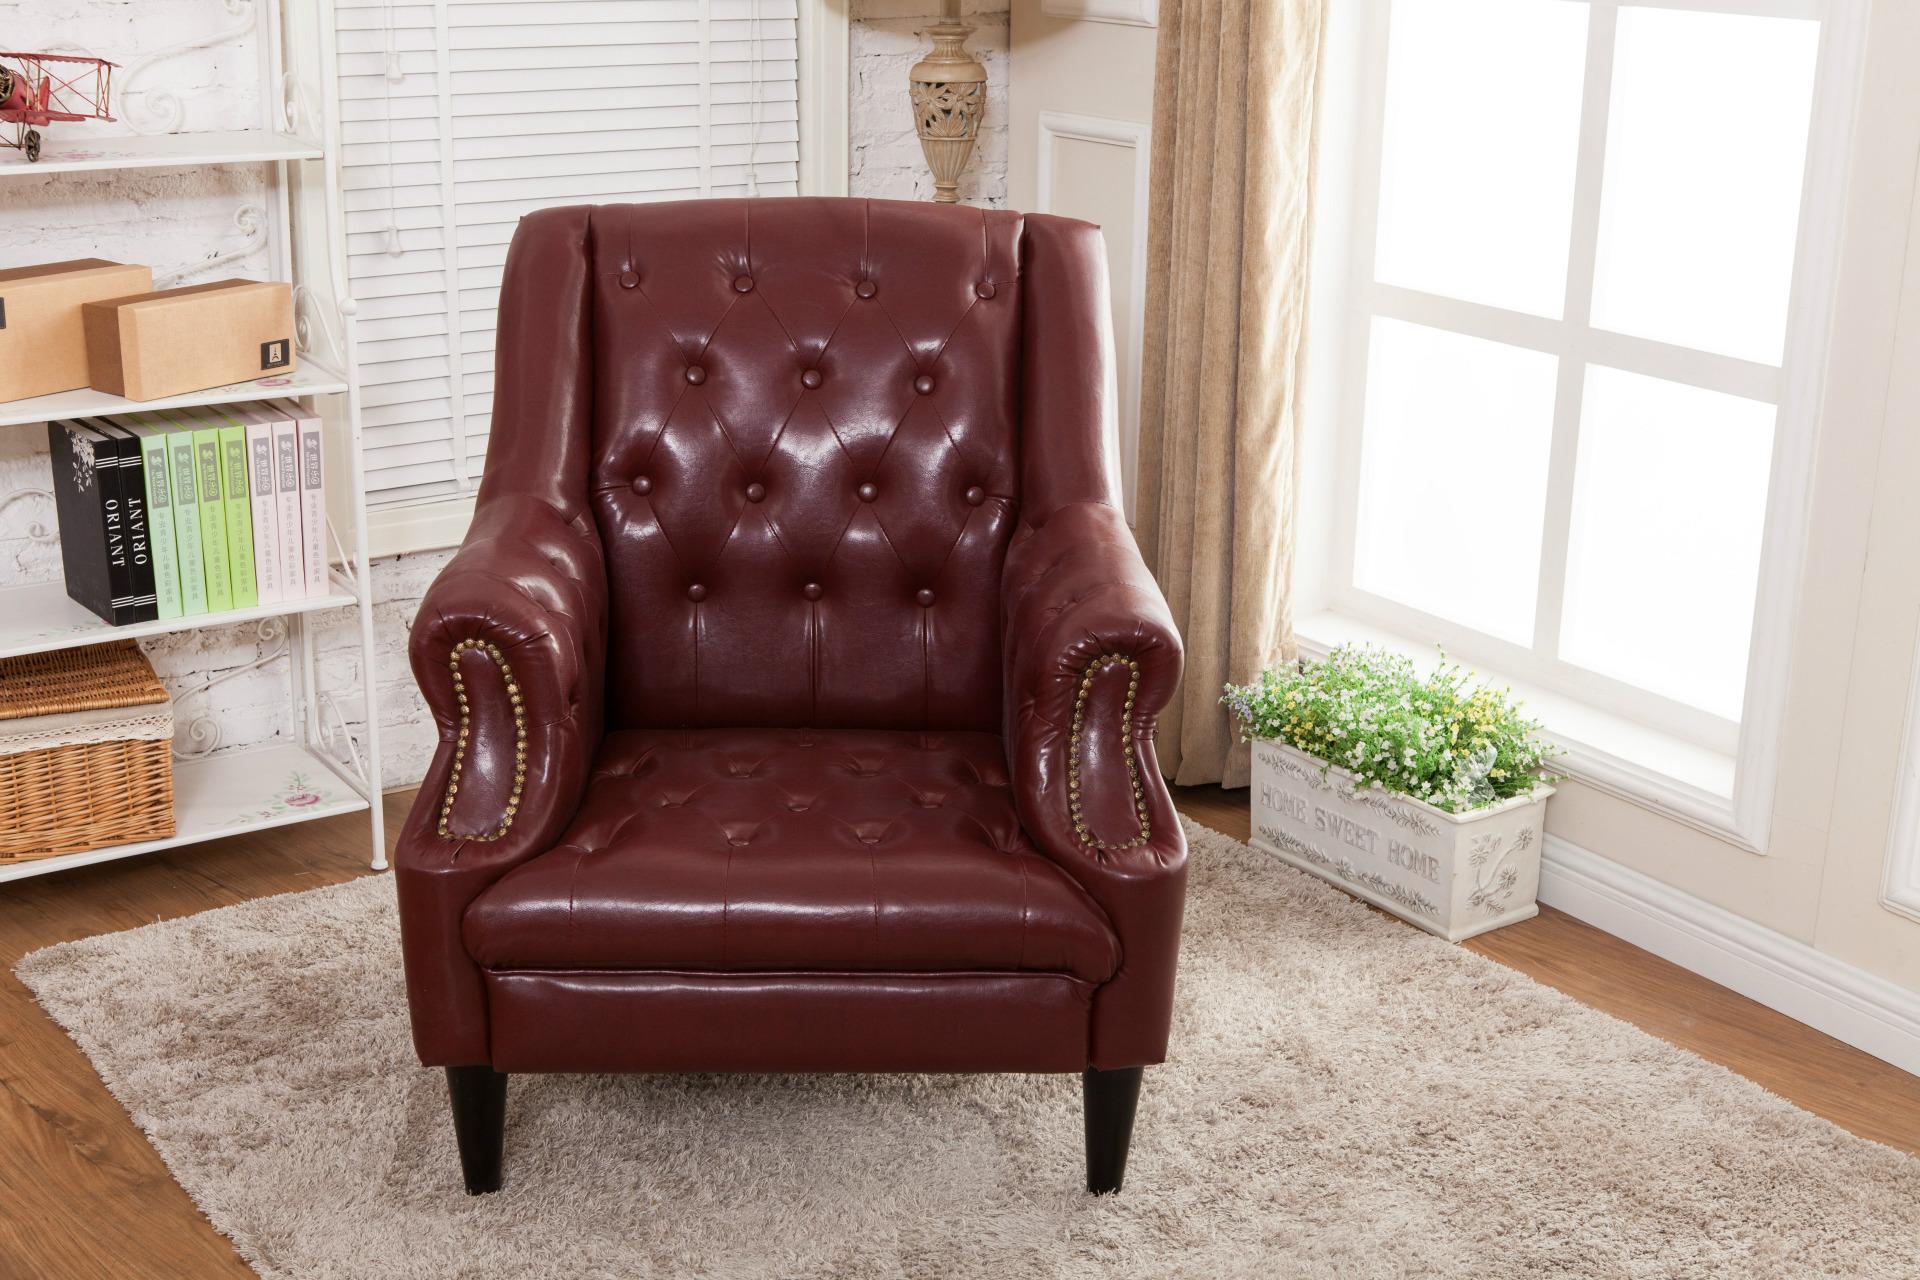 m bel amerikanischer stil badezimmer schlafzimmer sessel m bel design ideen. Black Bedroom Furniture Sets. Home Design Ideas